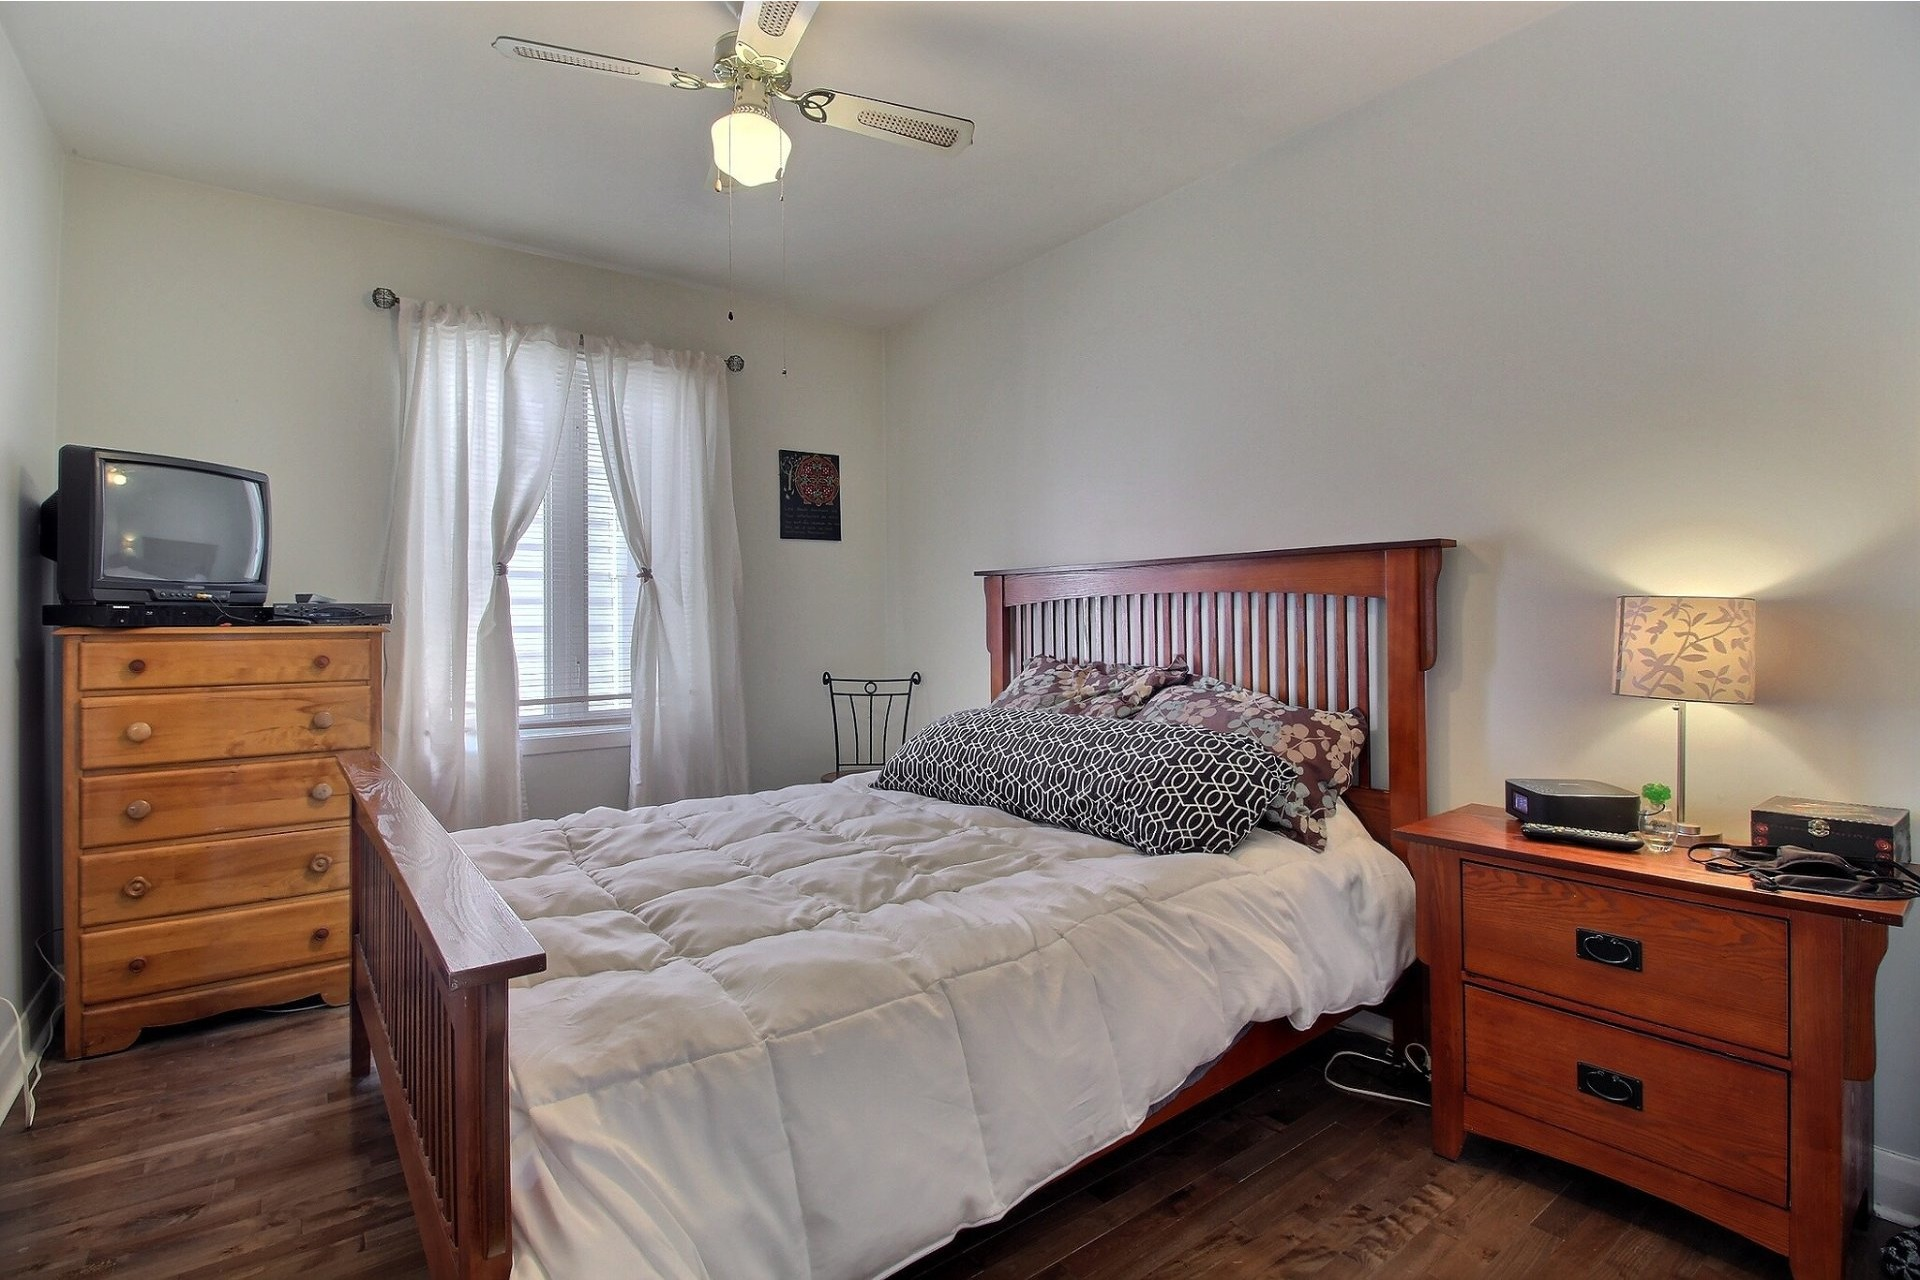 image 24 - Duplex For sale Joliette - 5 rooms